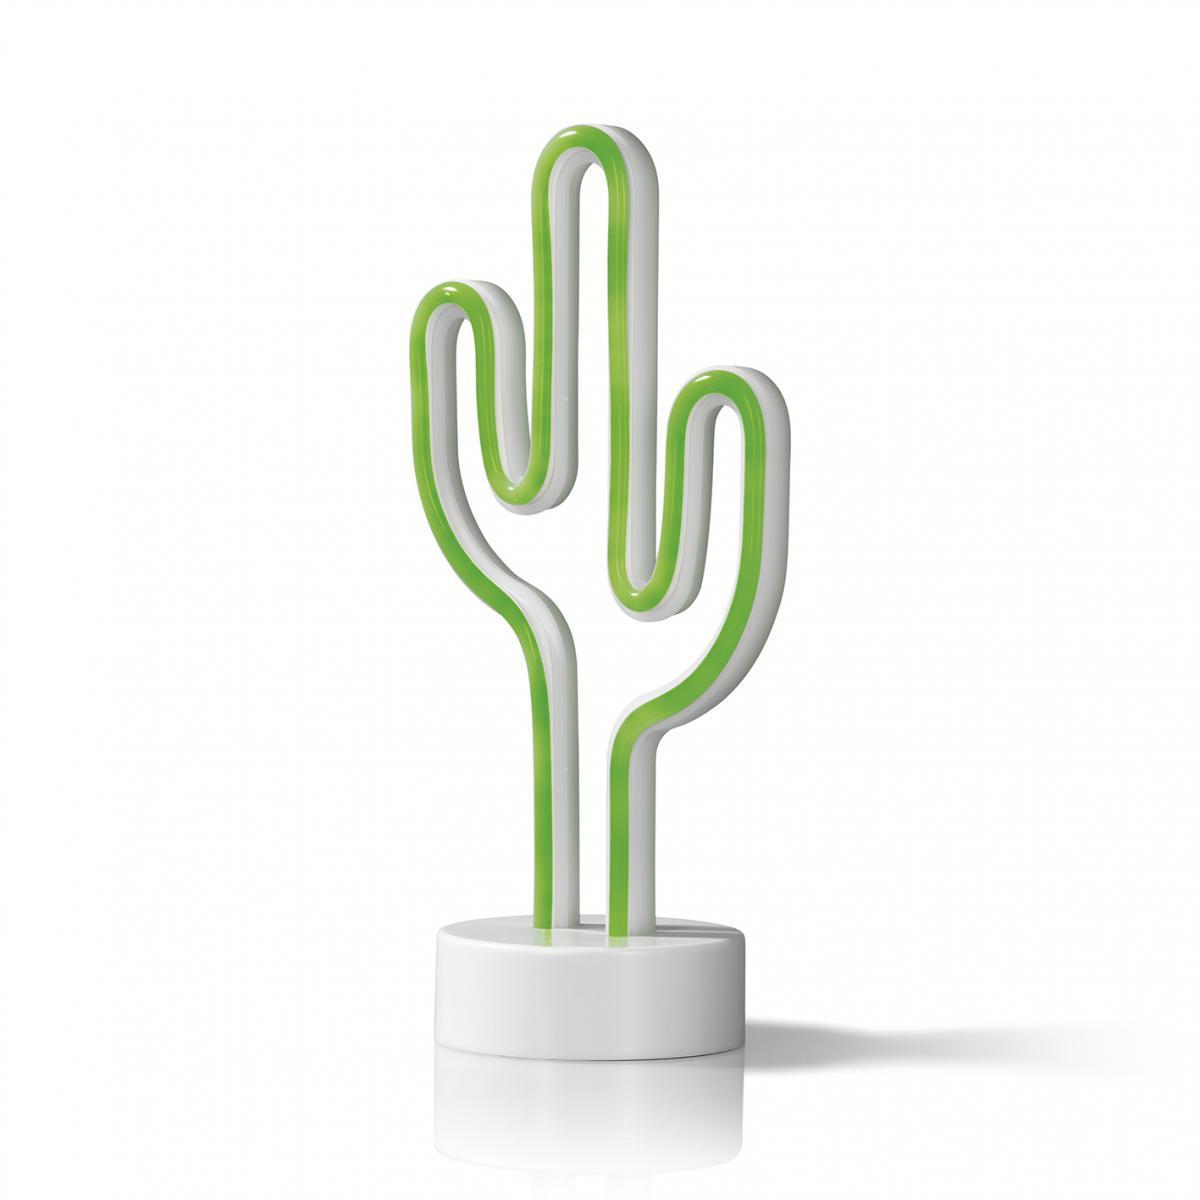 Bild 3 von EASYmaxx Dekoleuchte Kaktus 4,5V grün